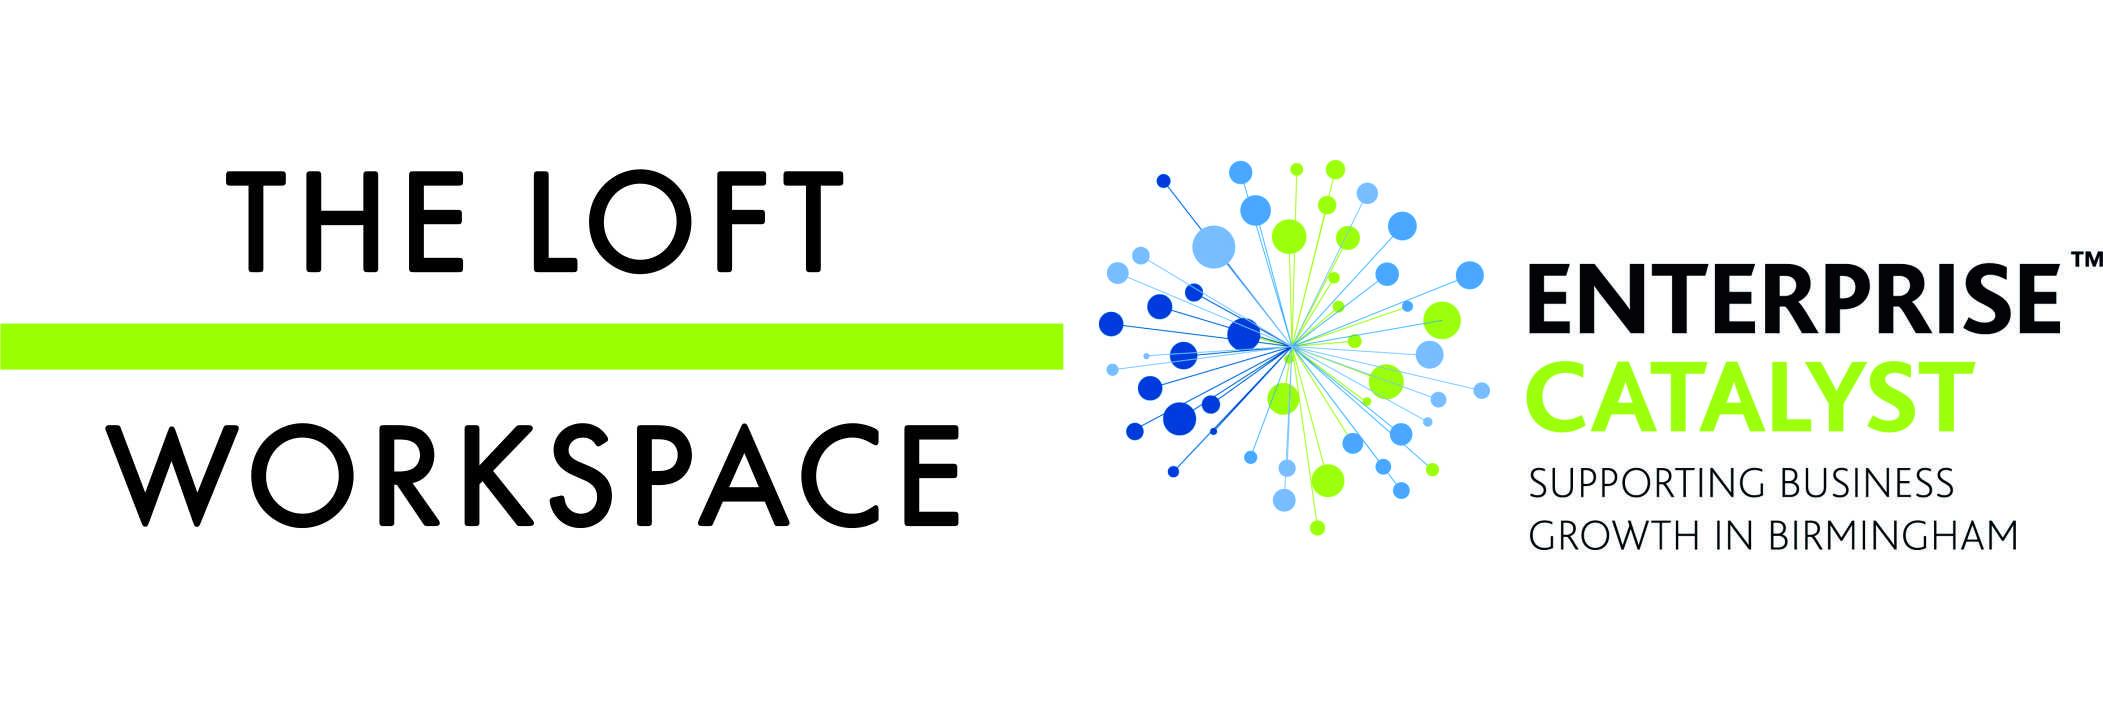 The-Loft-Workspace-Enterprise-Catalyst